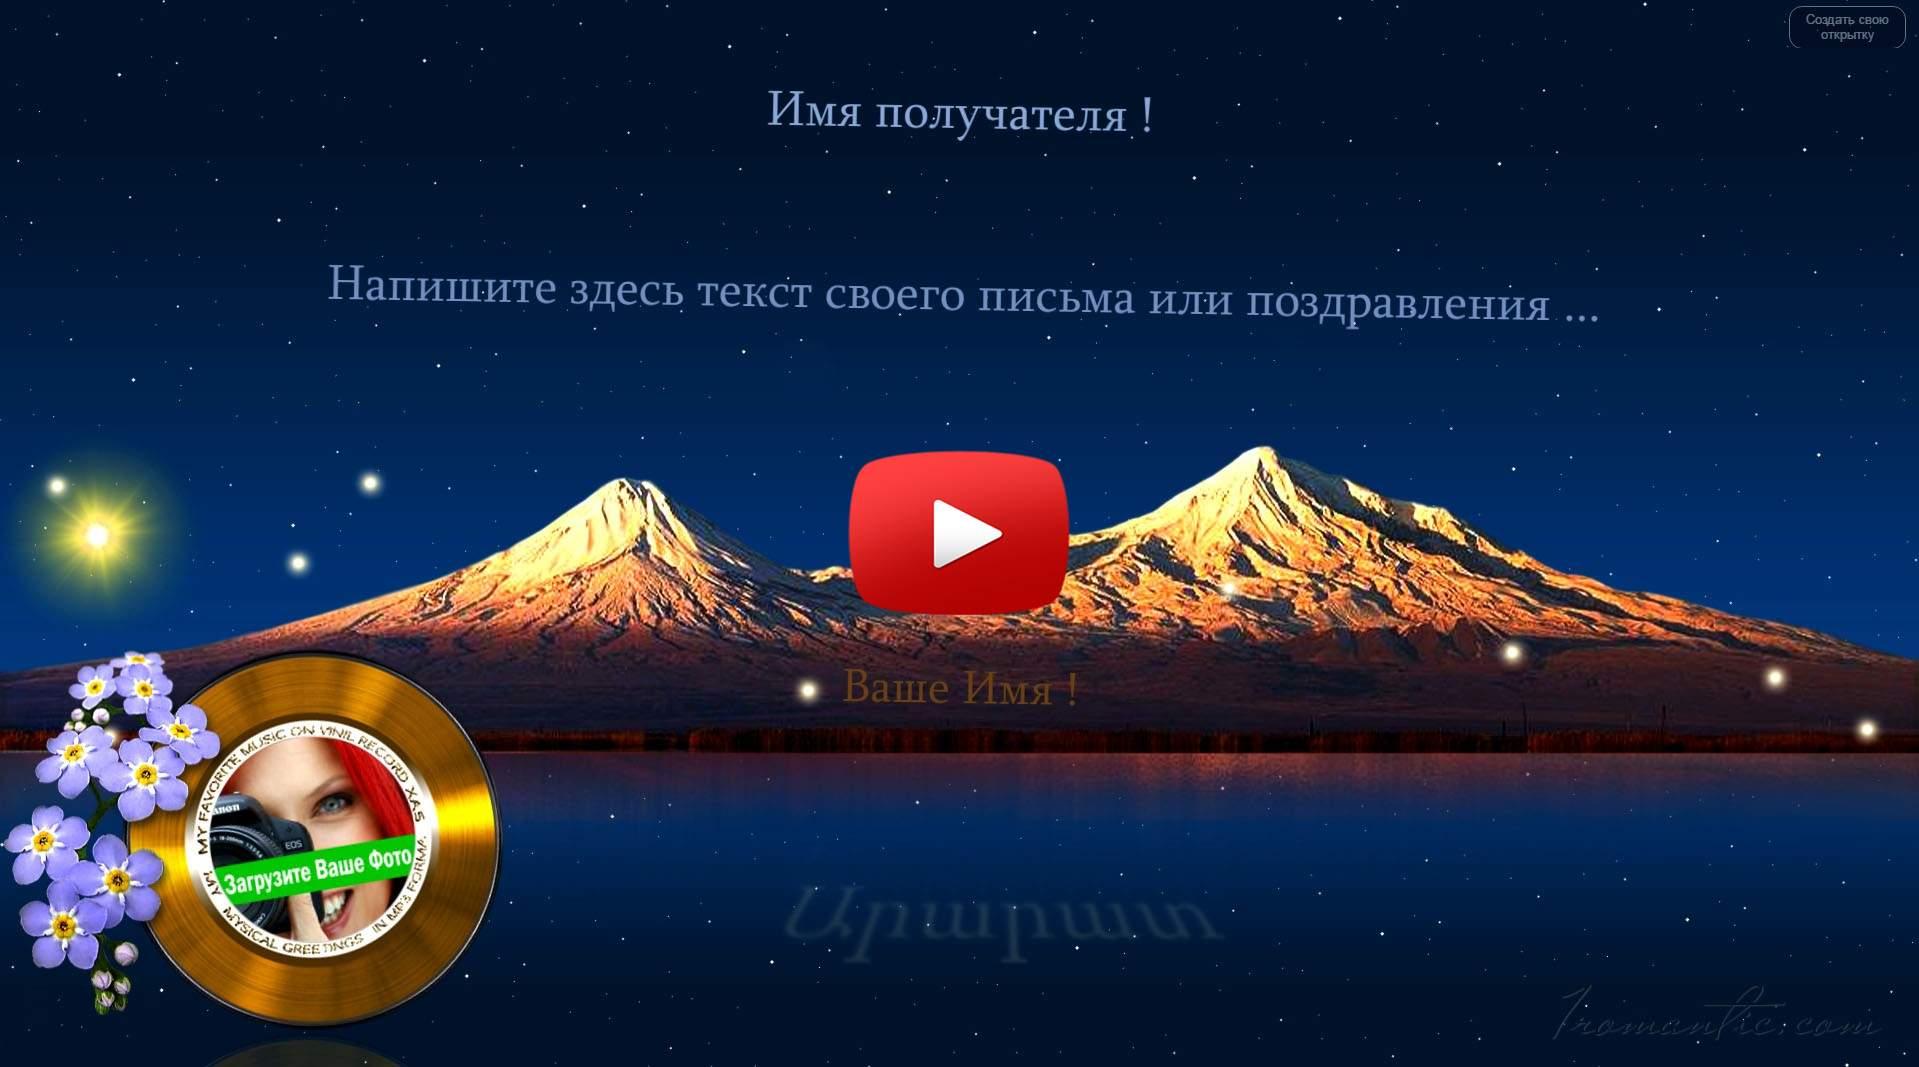 Армения моя !